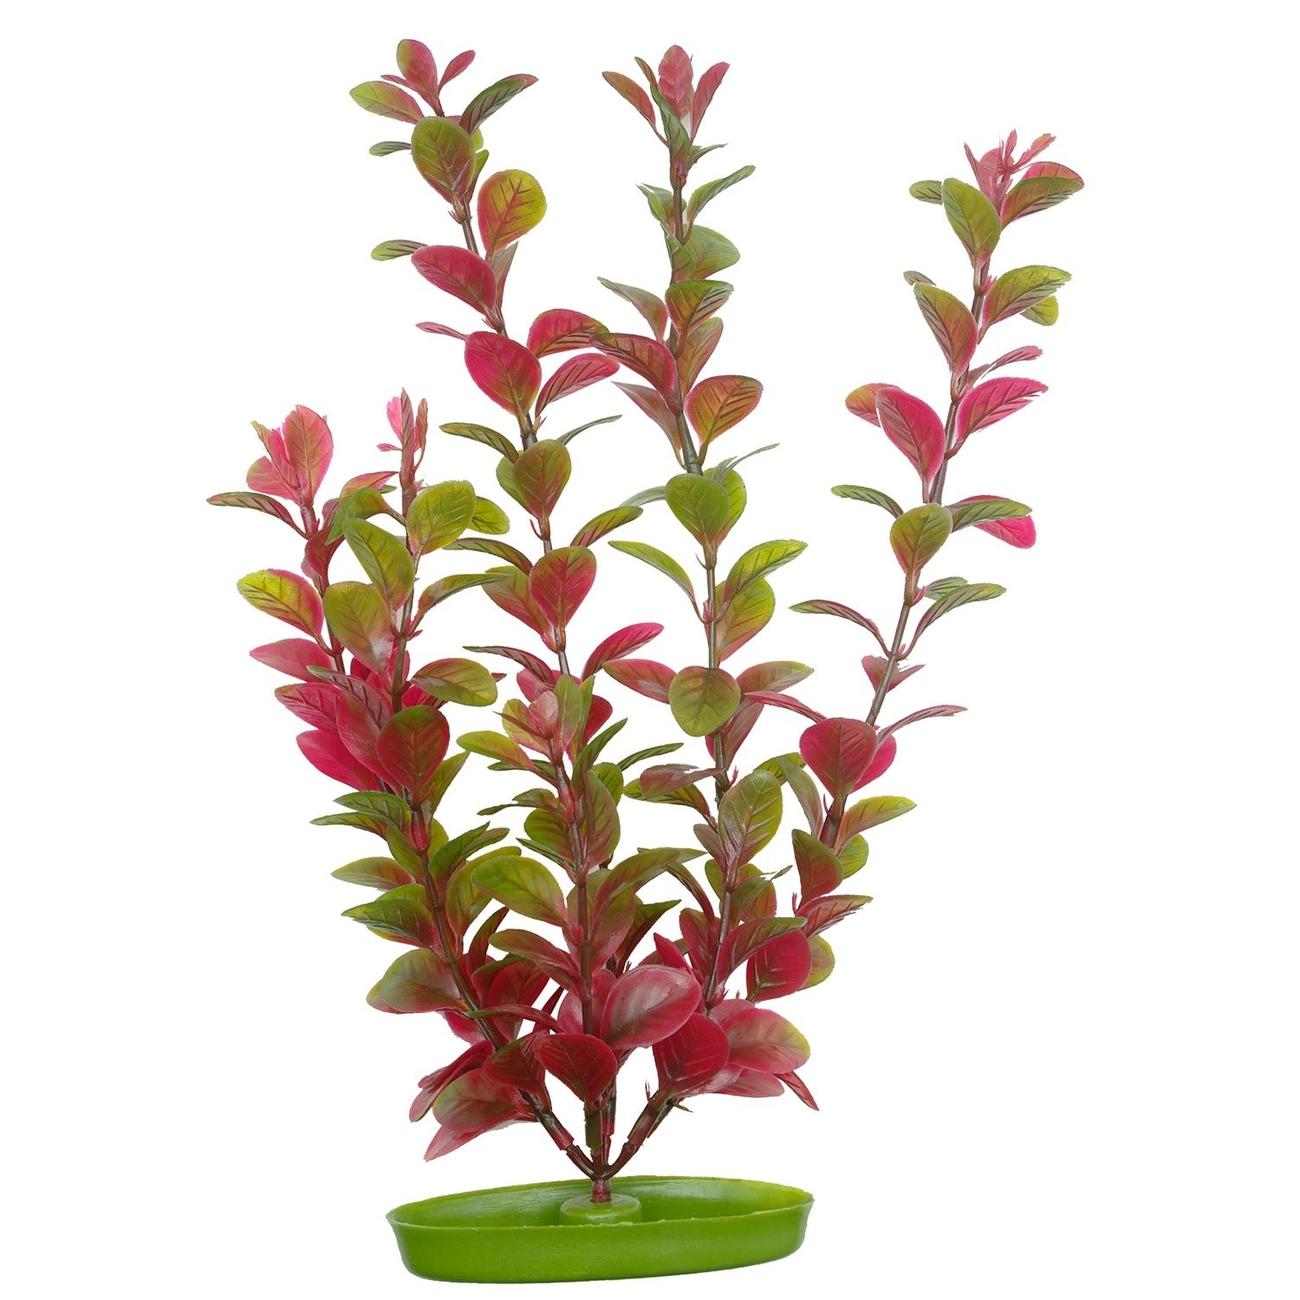 Marina Aquascaper Pflanzen ab 30 cm, Bild 8